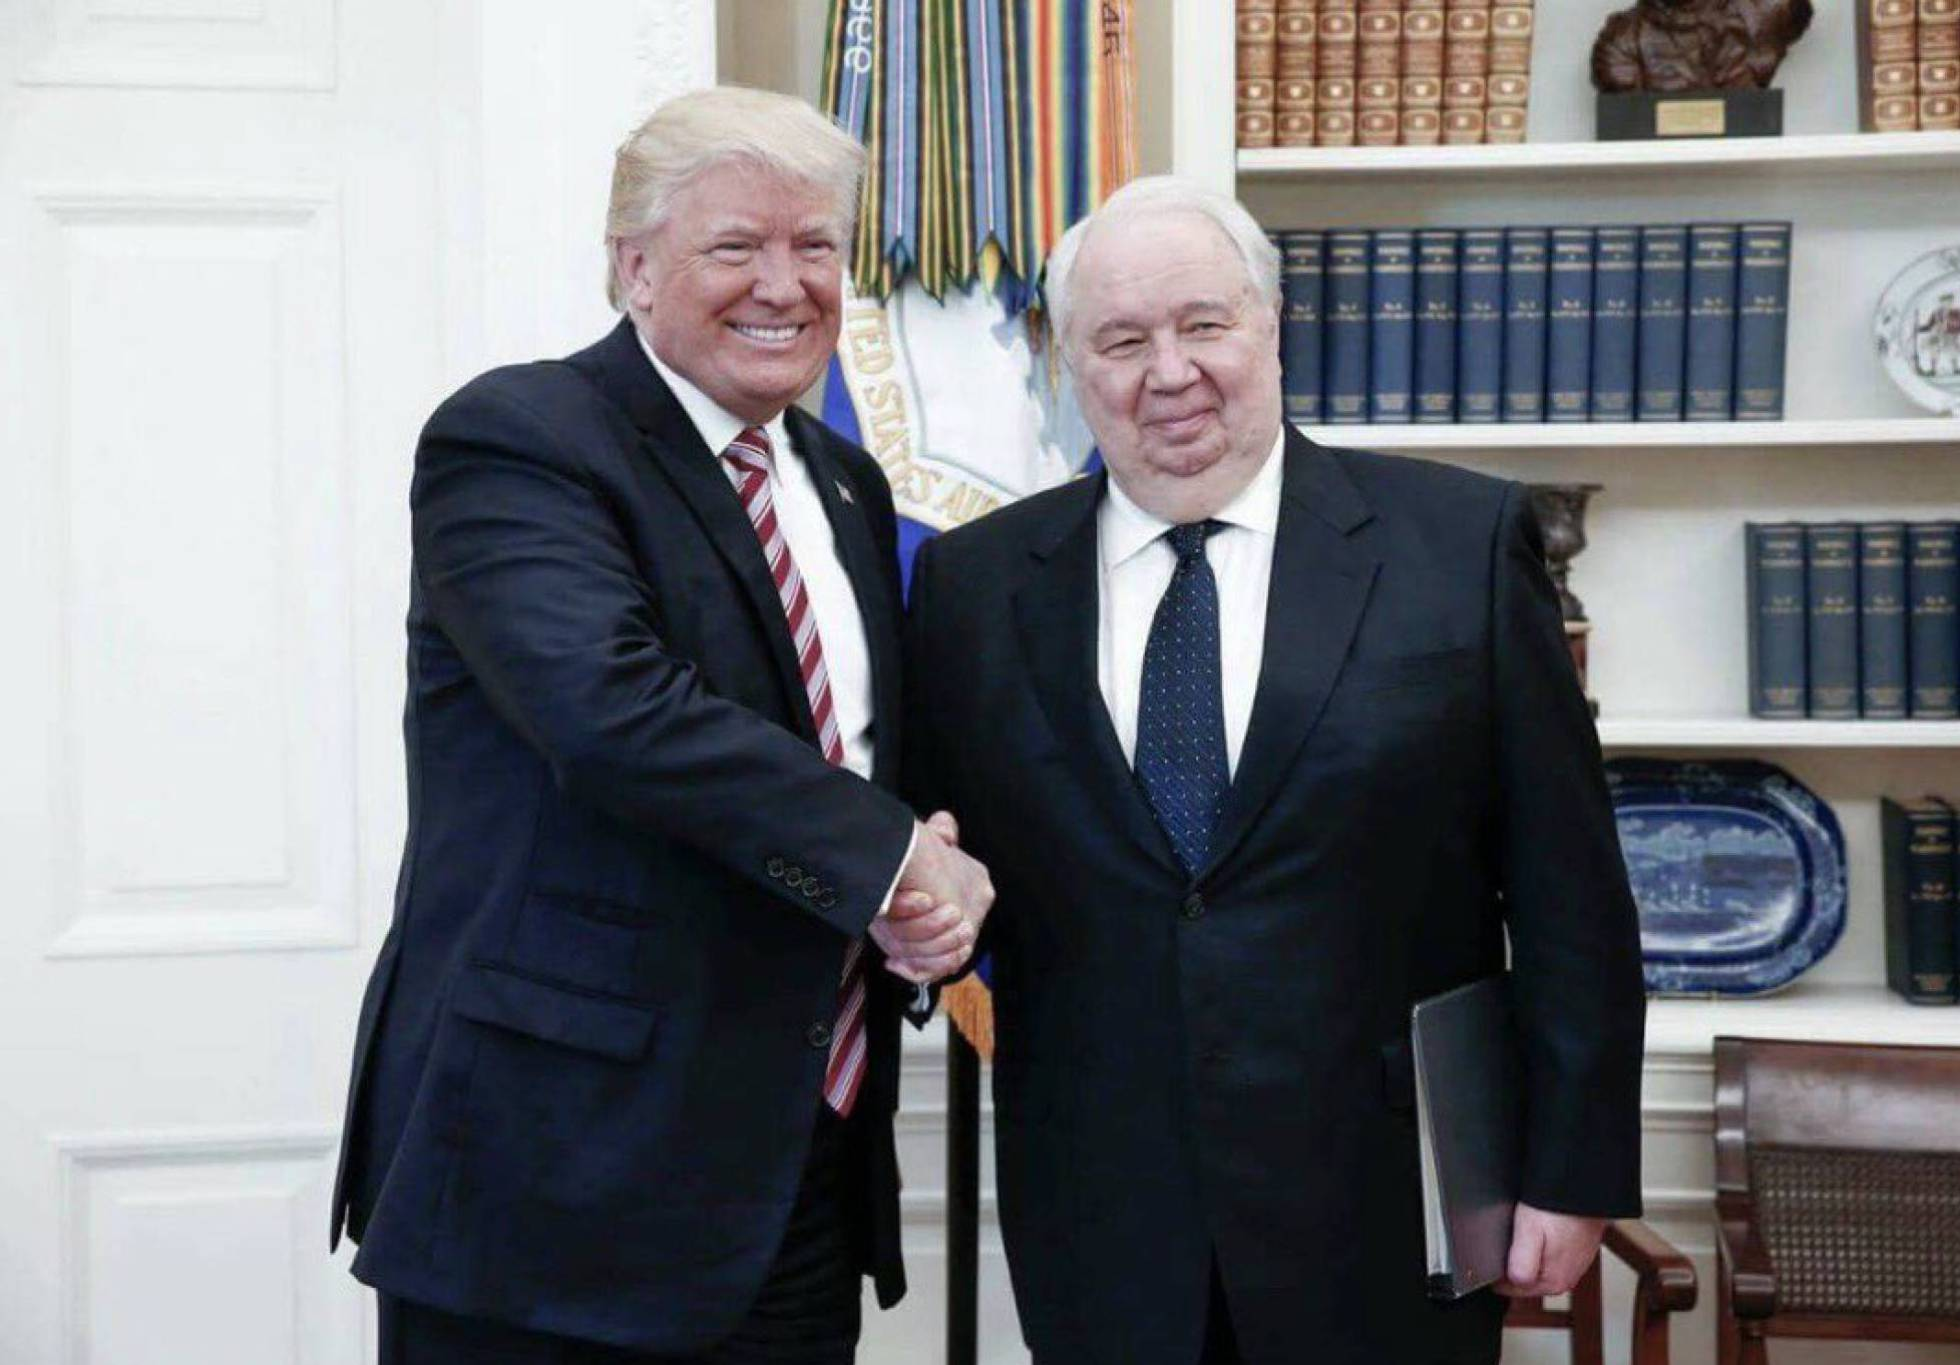 Almuerzo con el embajador ruso sergei